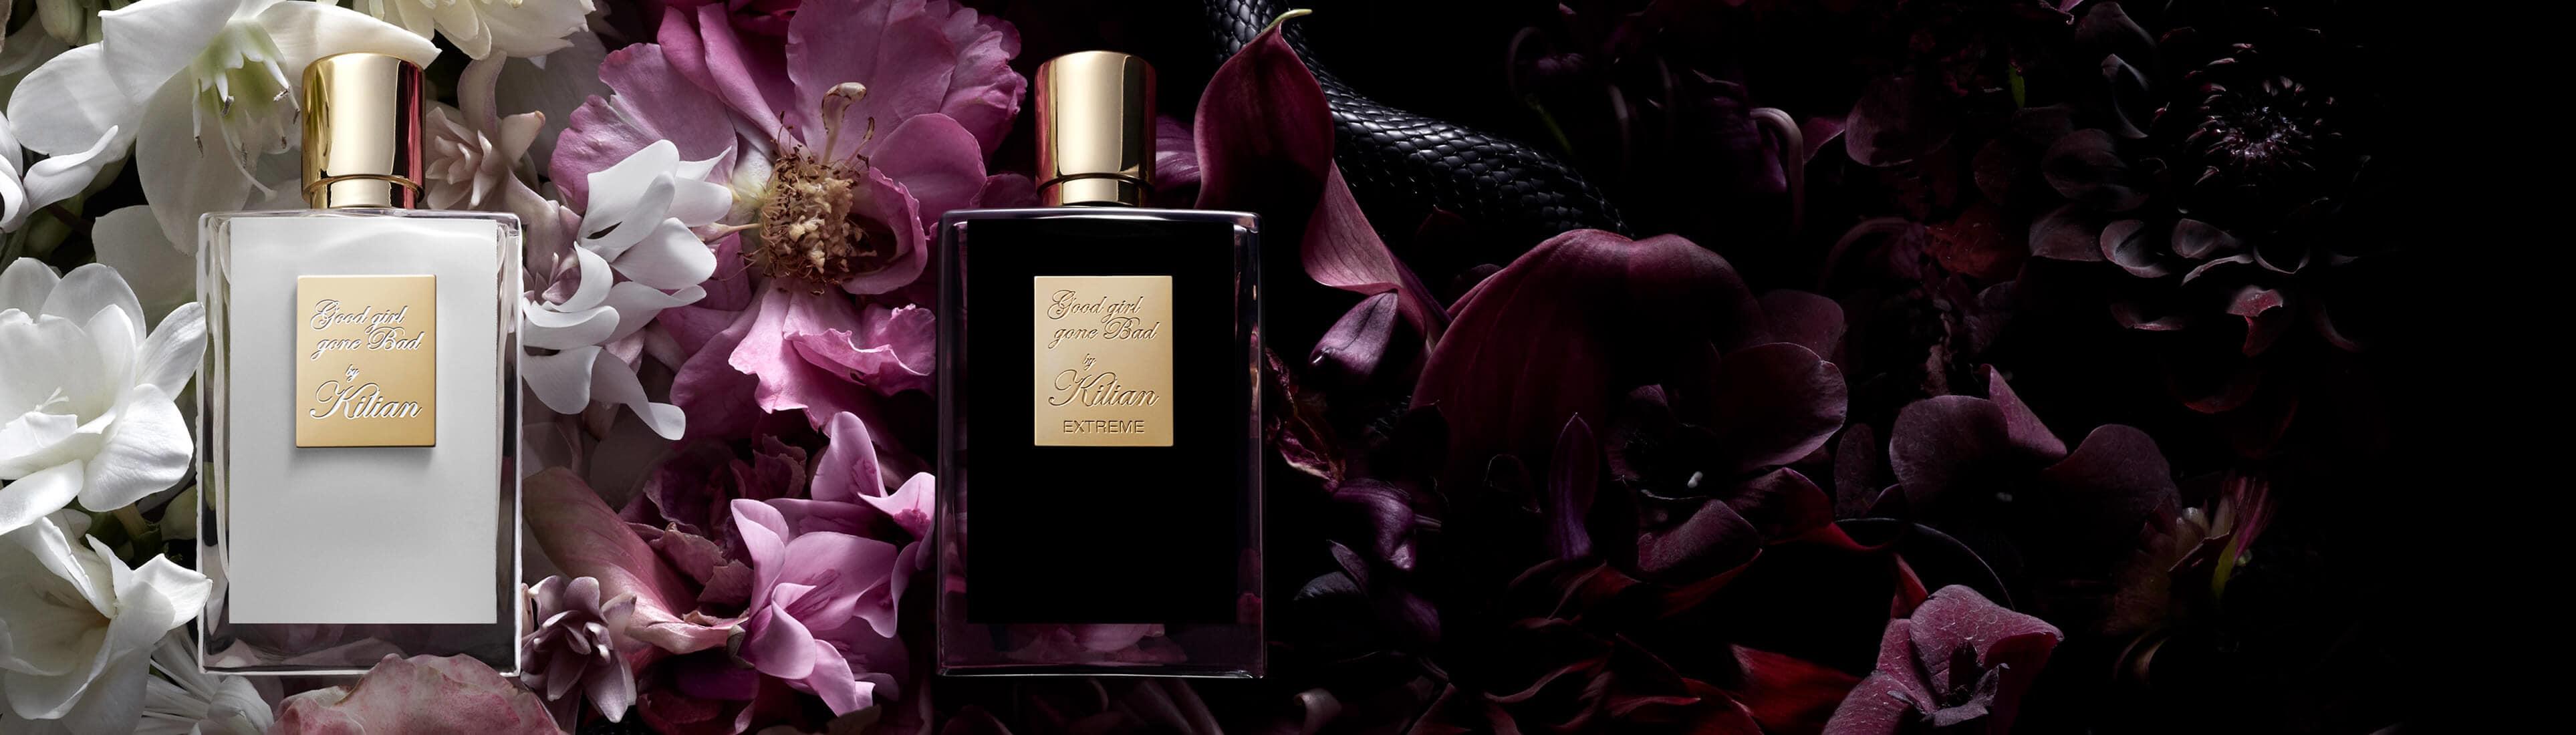 عطرهای پیشنهادی بهاره زنانه و مردانه (1)